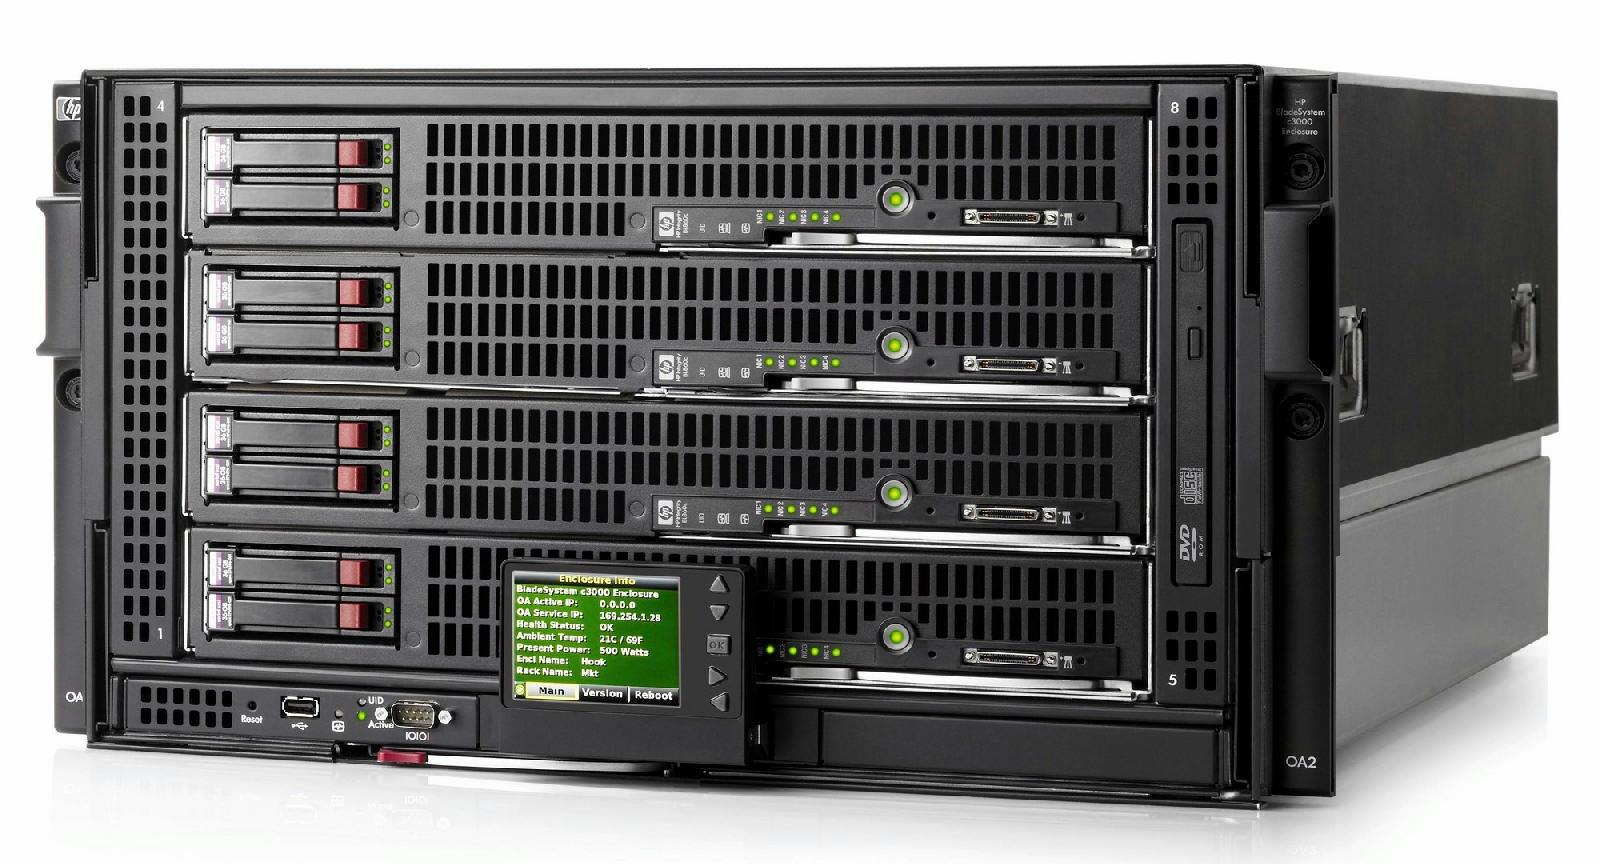 Hp Bladesystem C300 Enclosure 508668 B21 6x1200w Power